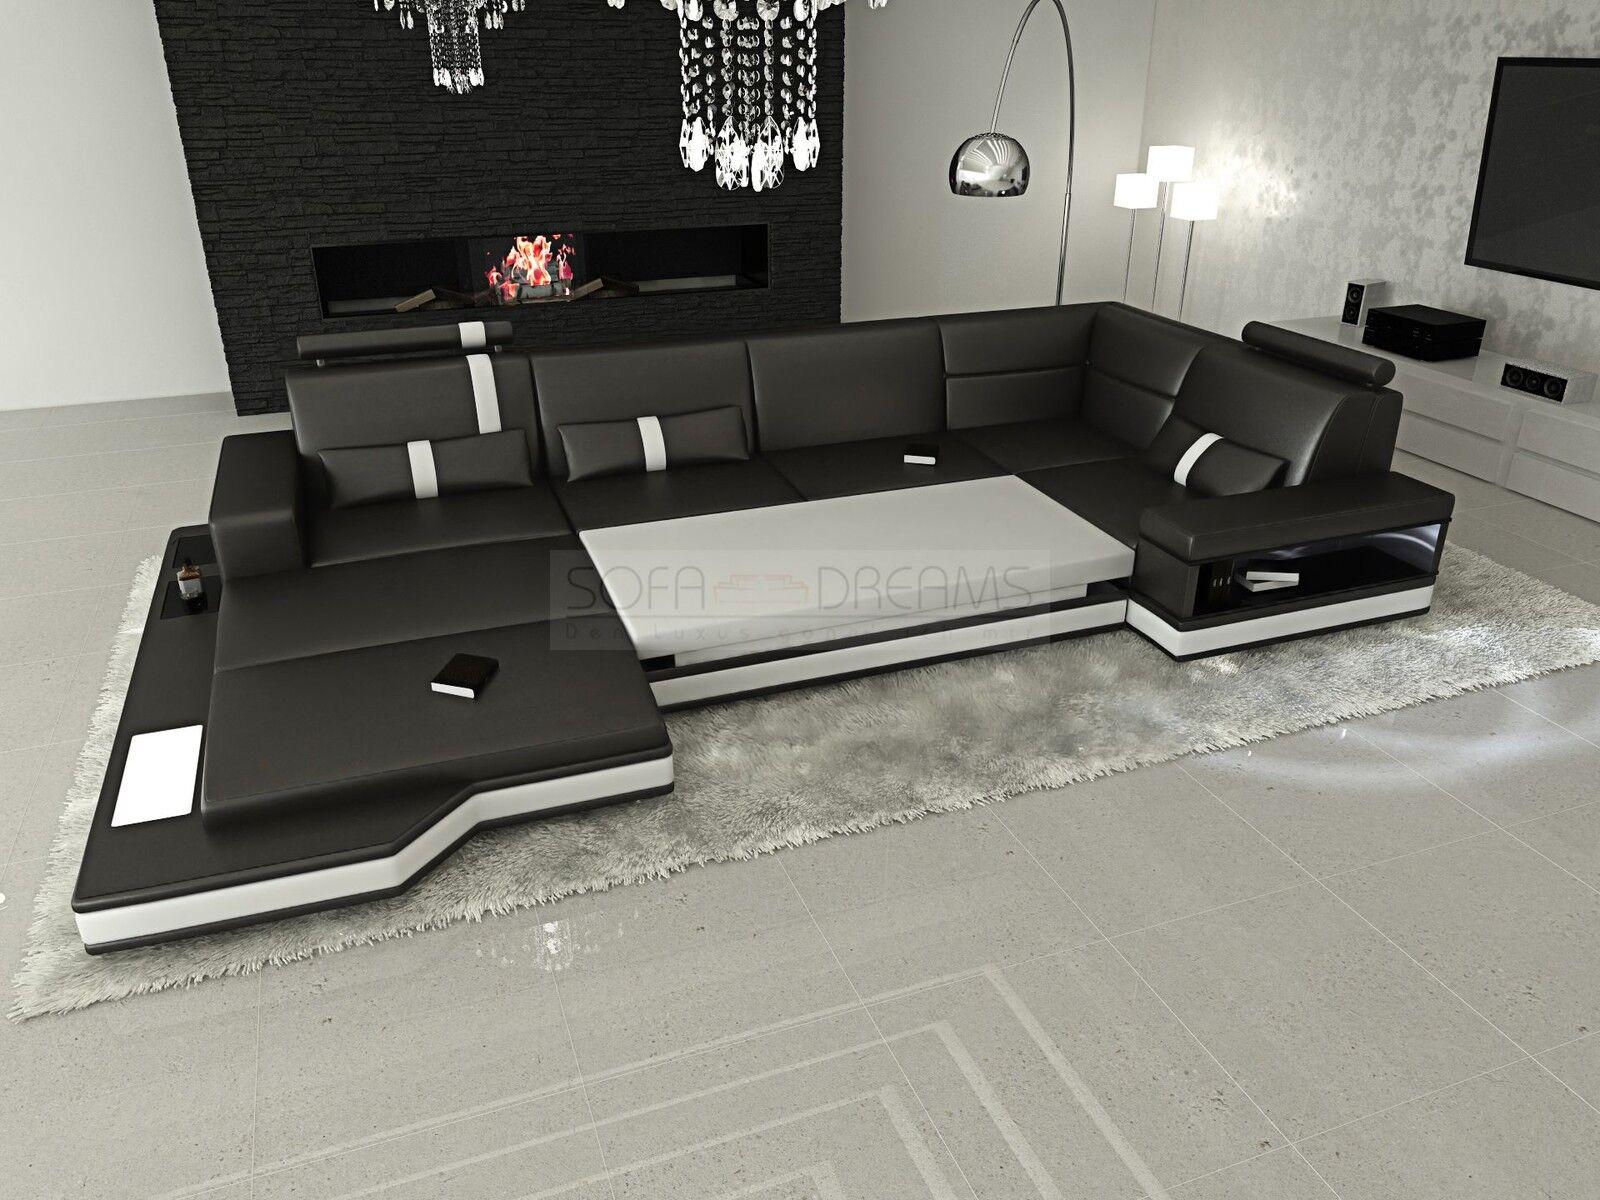 Ledersofa messana designer sofa wohnlandschaft licht eur for Wohnlandschaft elektrisch